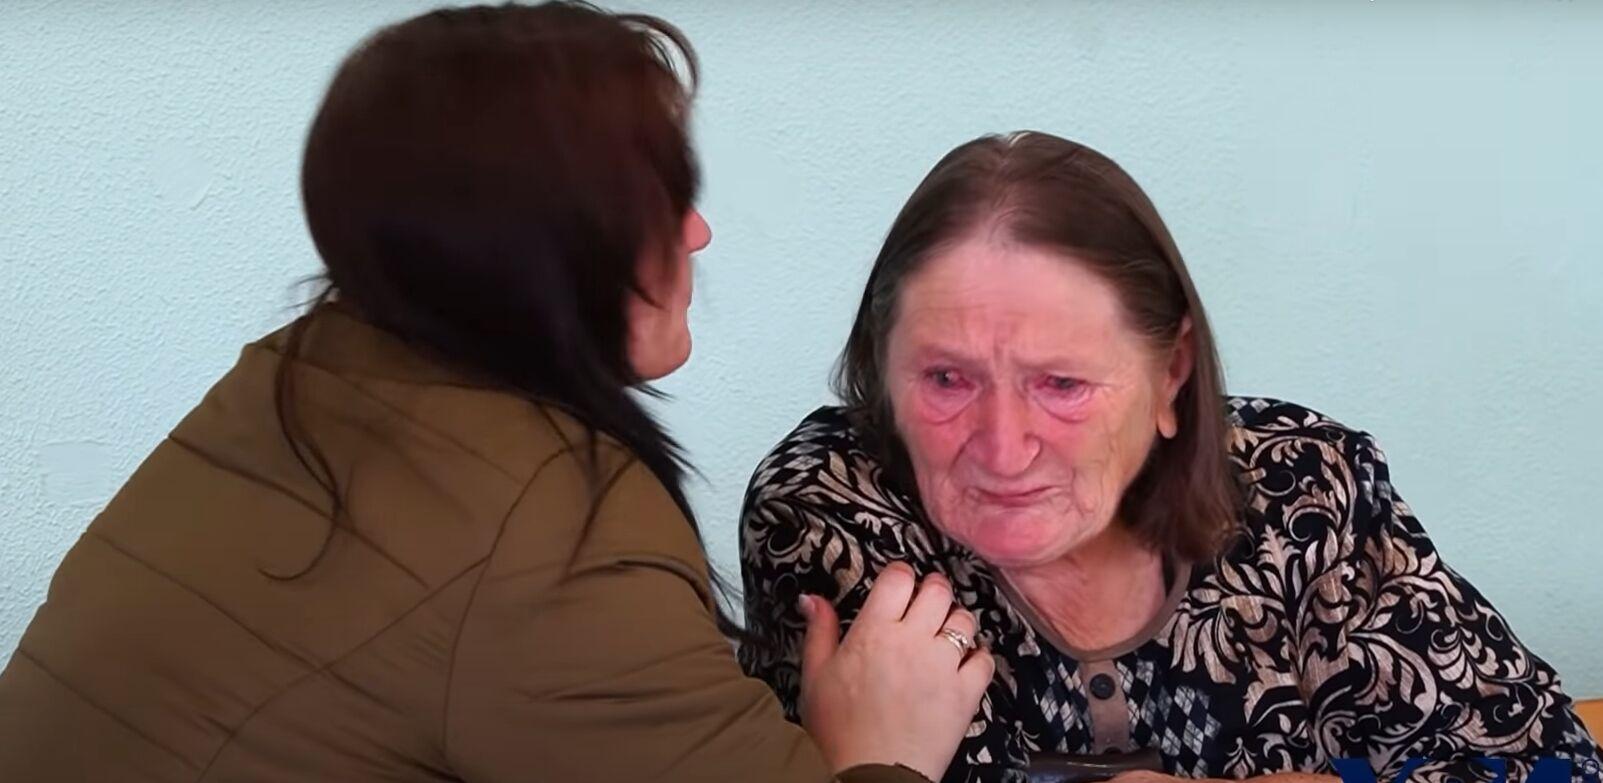 Татьяна Присяжная больше 20 лет жила на улице и просила у людей на хлеб